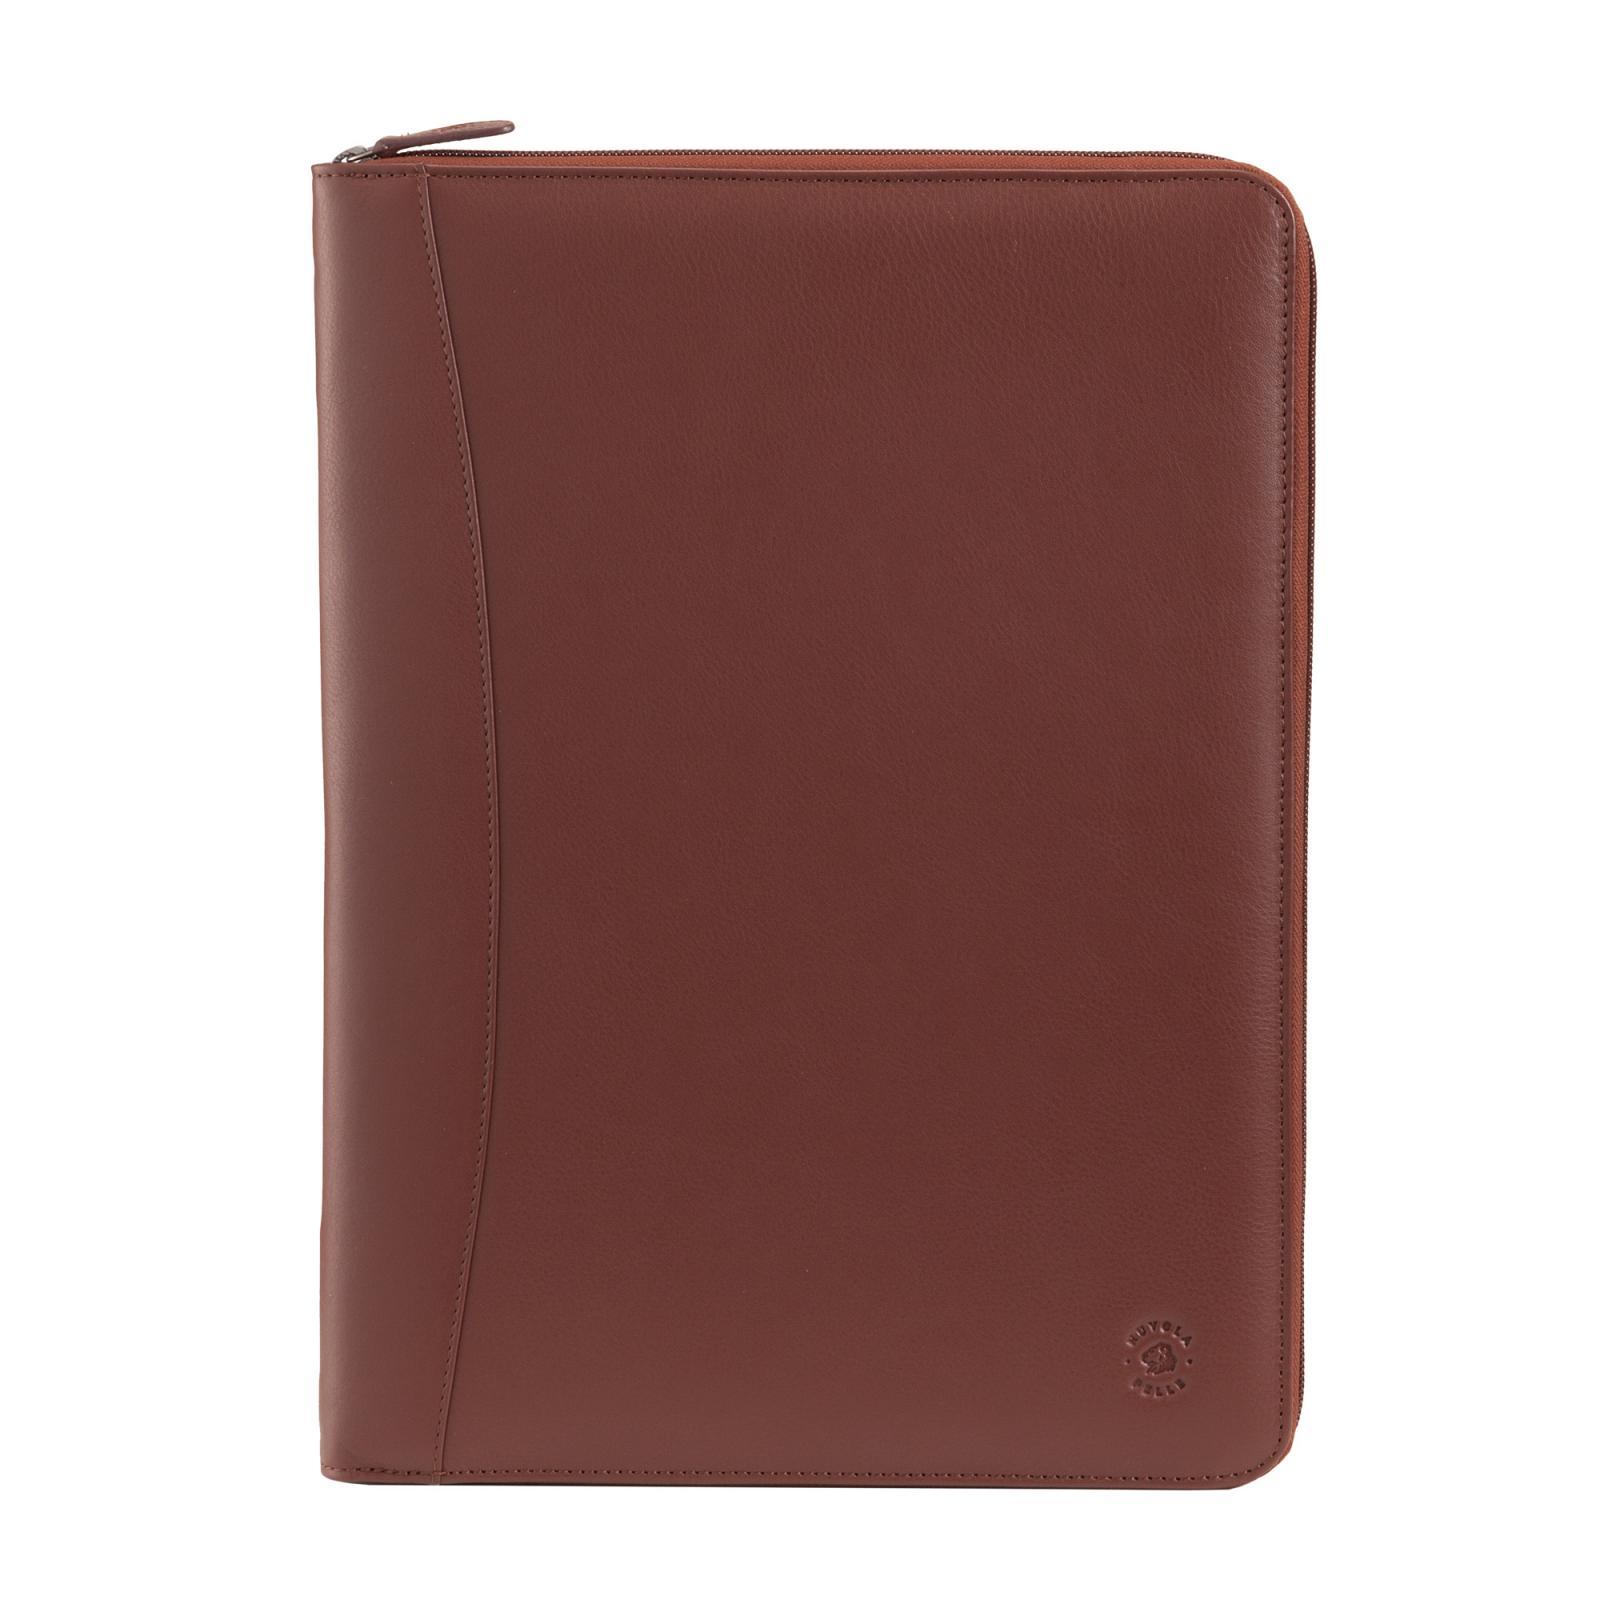 Borse  Uomo  Soft - Paper - Marrone scuro